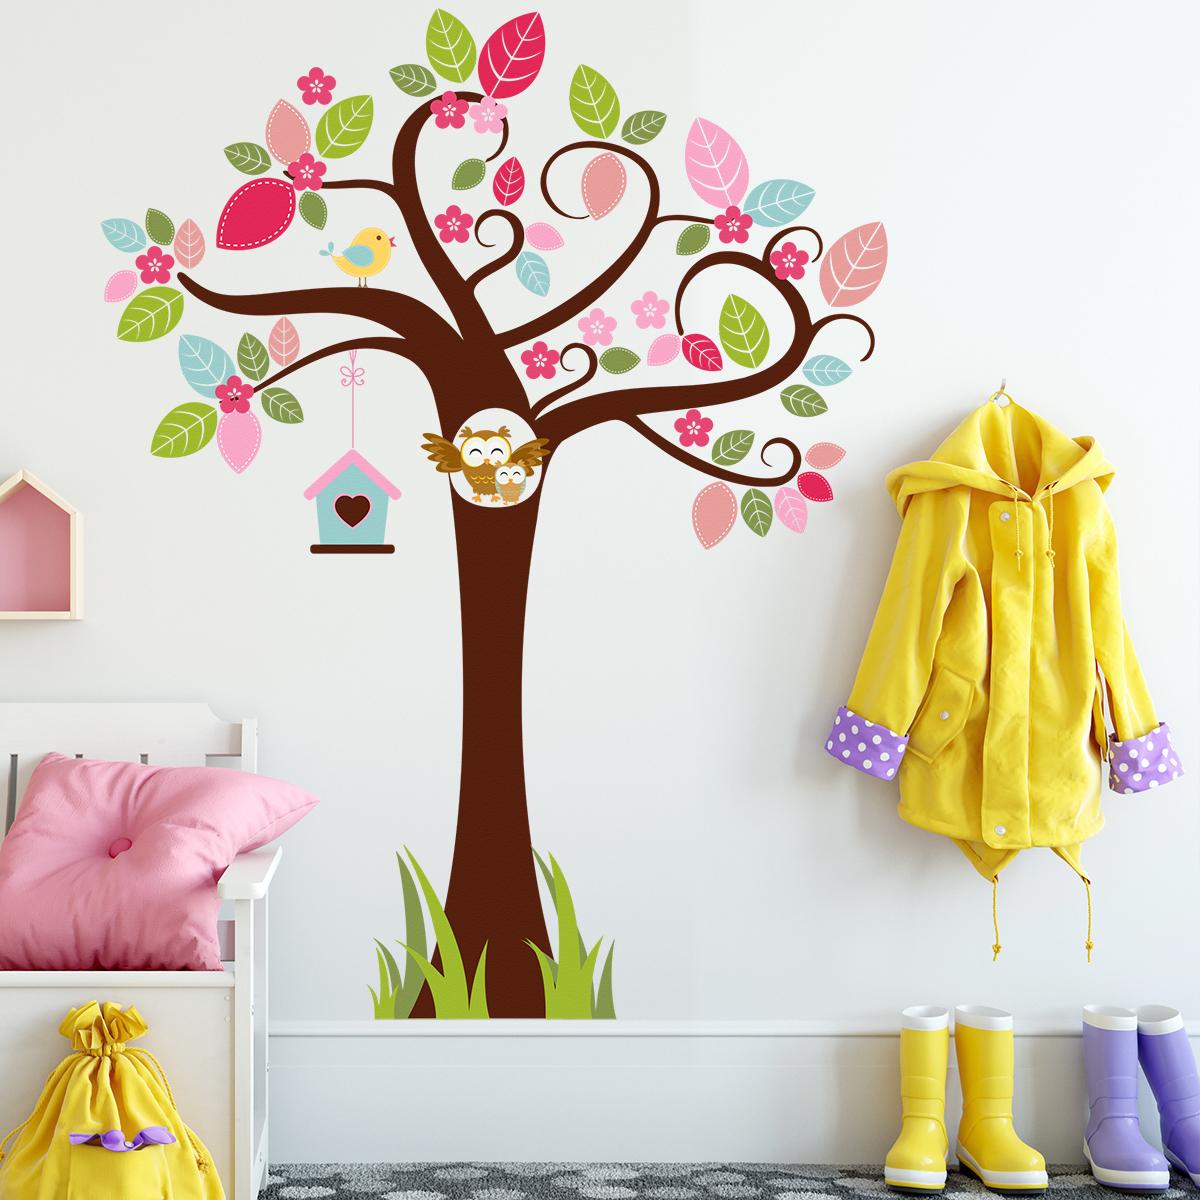 HOUSEDECOR Barevný strom se sovičkami 150 cm